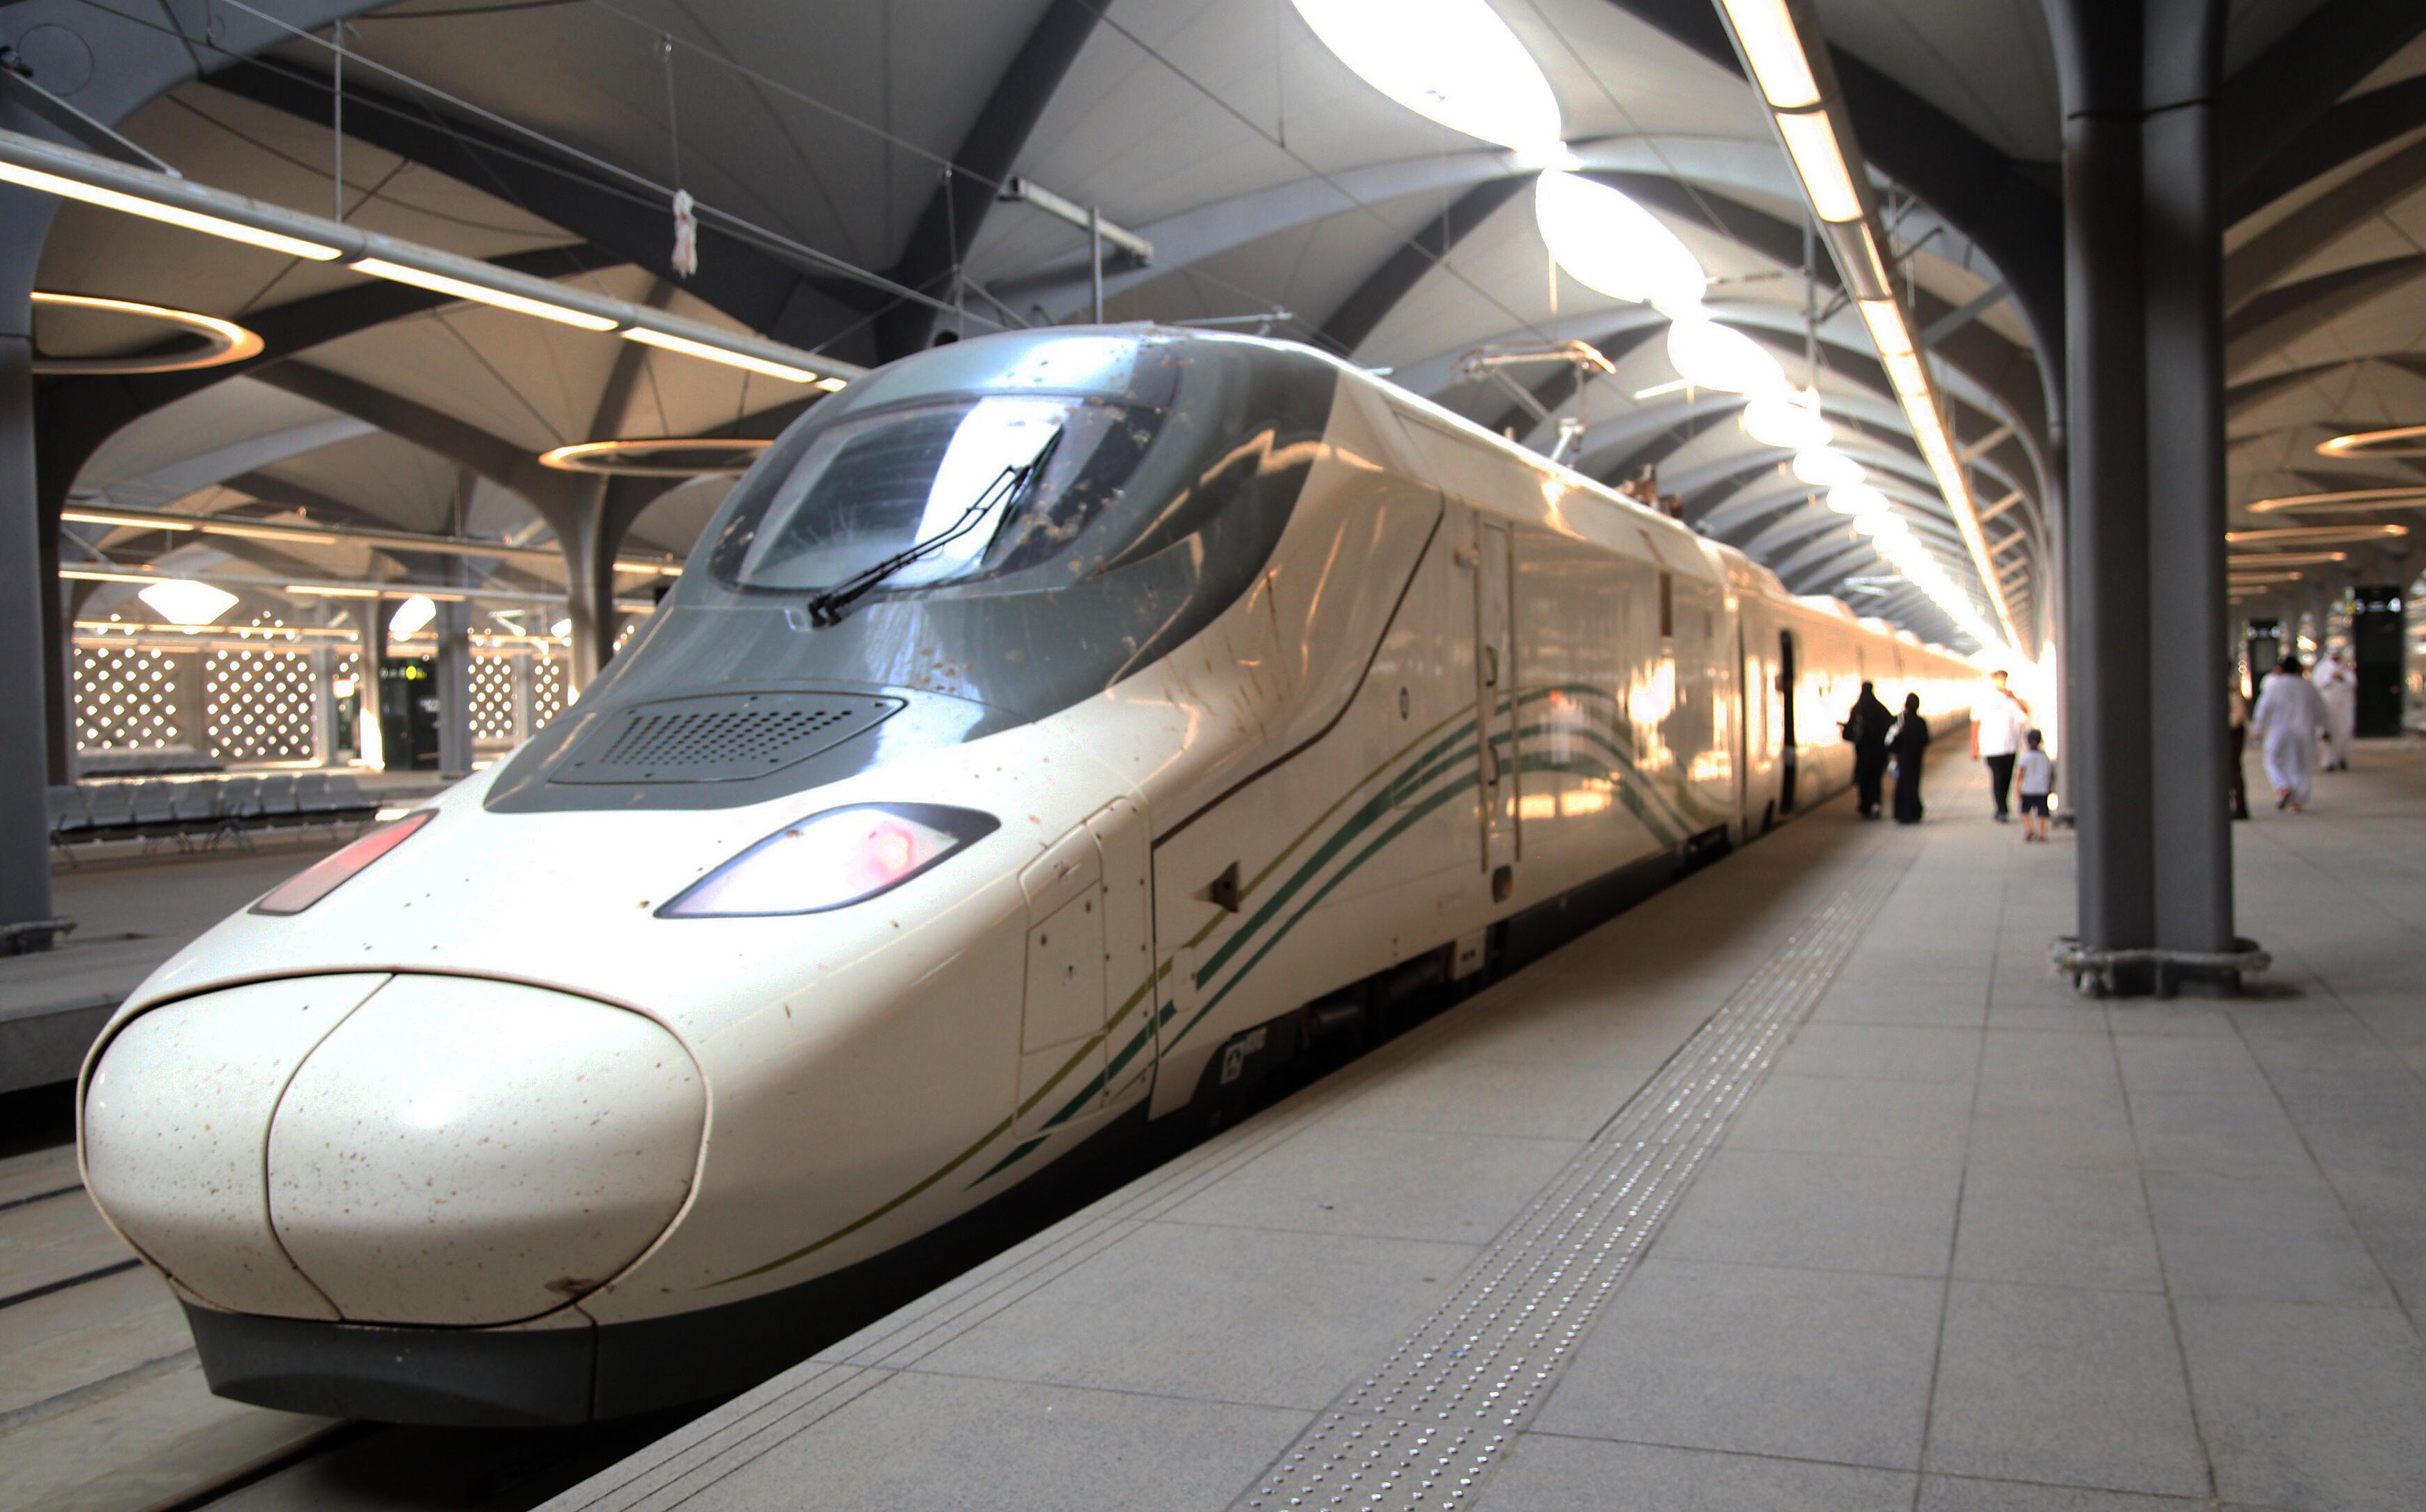 Arábia Saudita inaugura trem de alta velocidade entre Meca e Medina